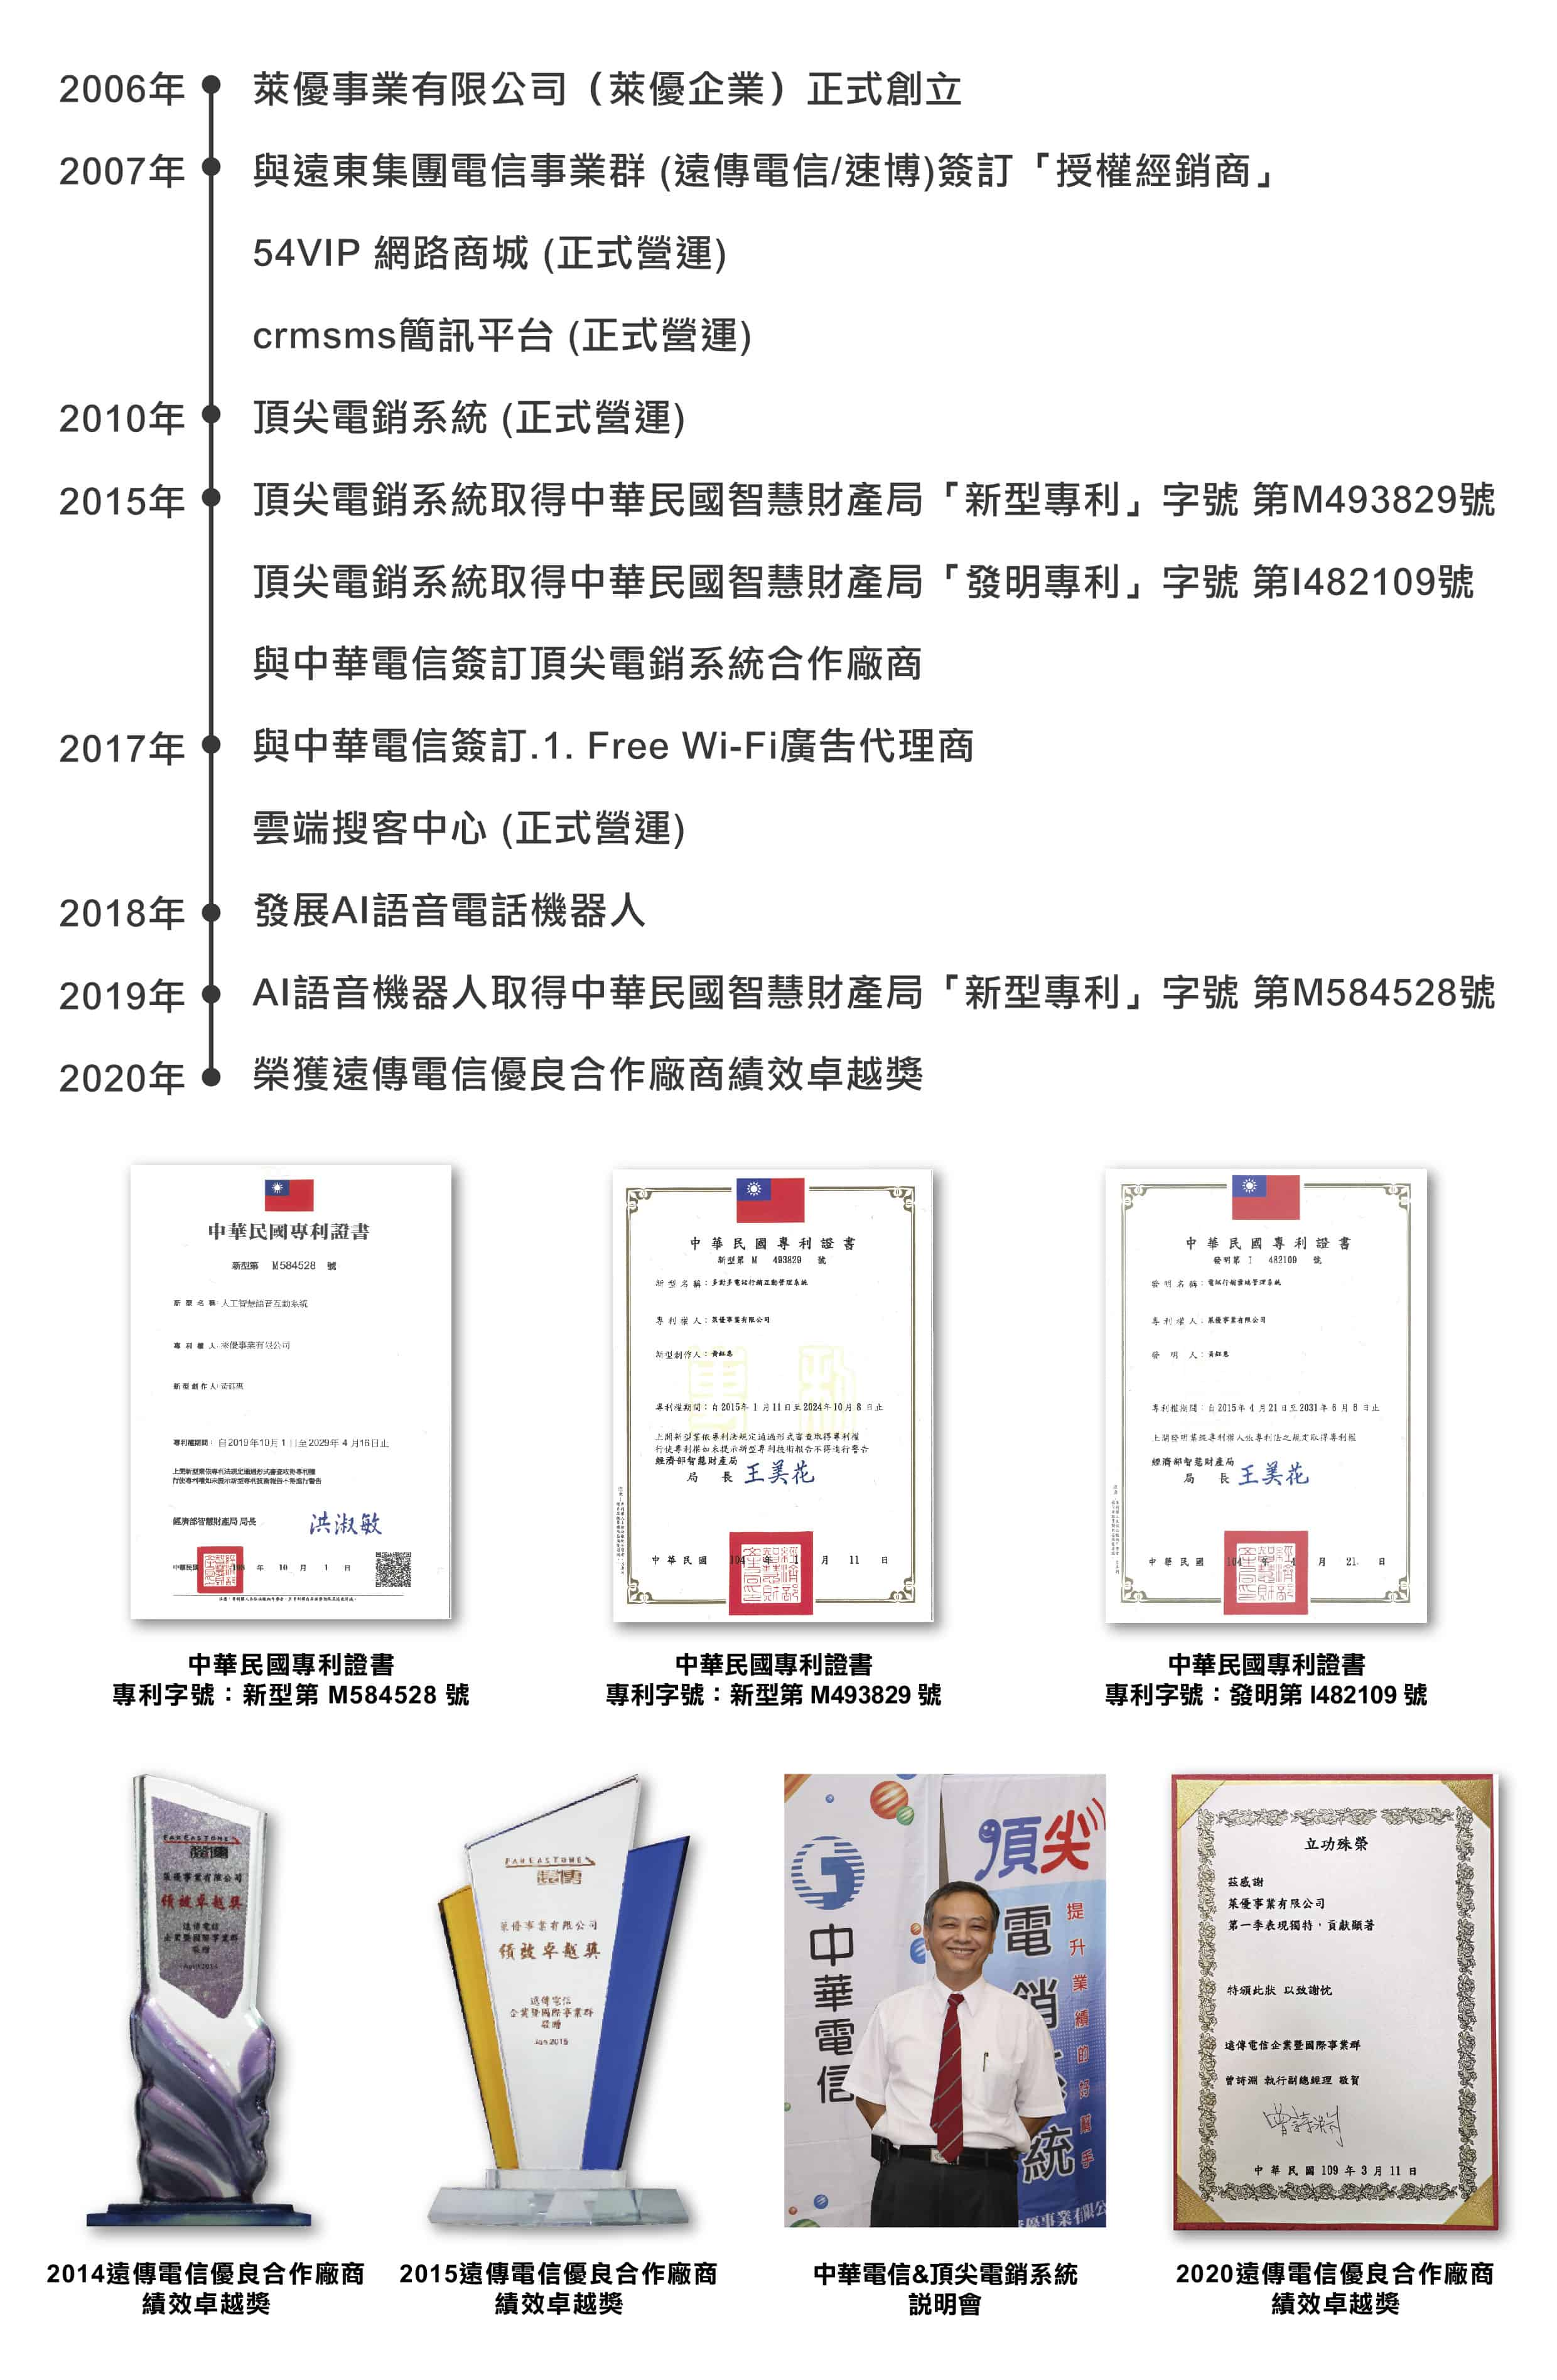 遠傳與中華電信為合作夥伴